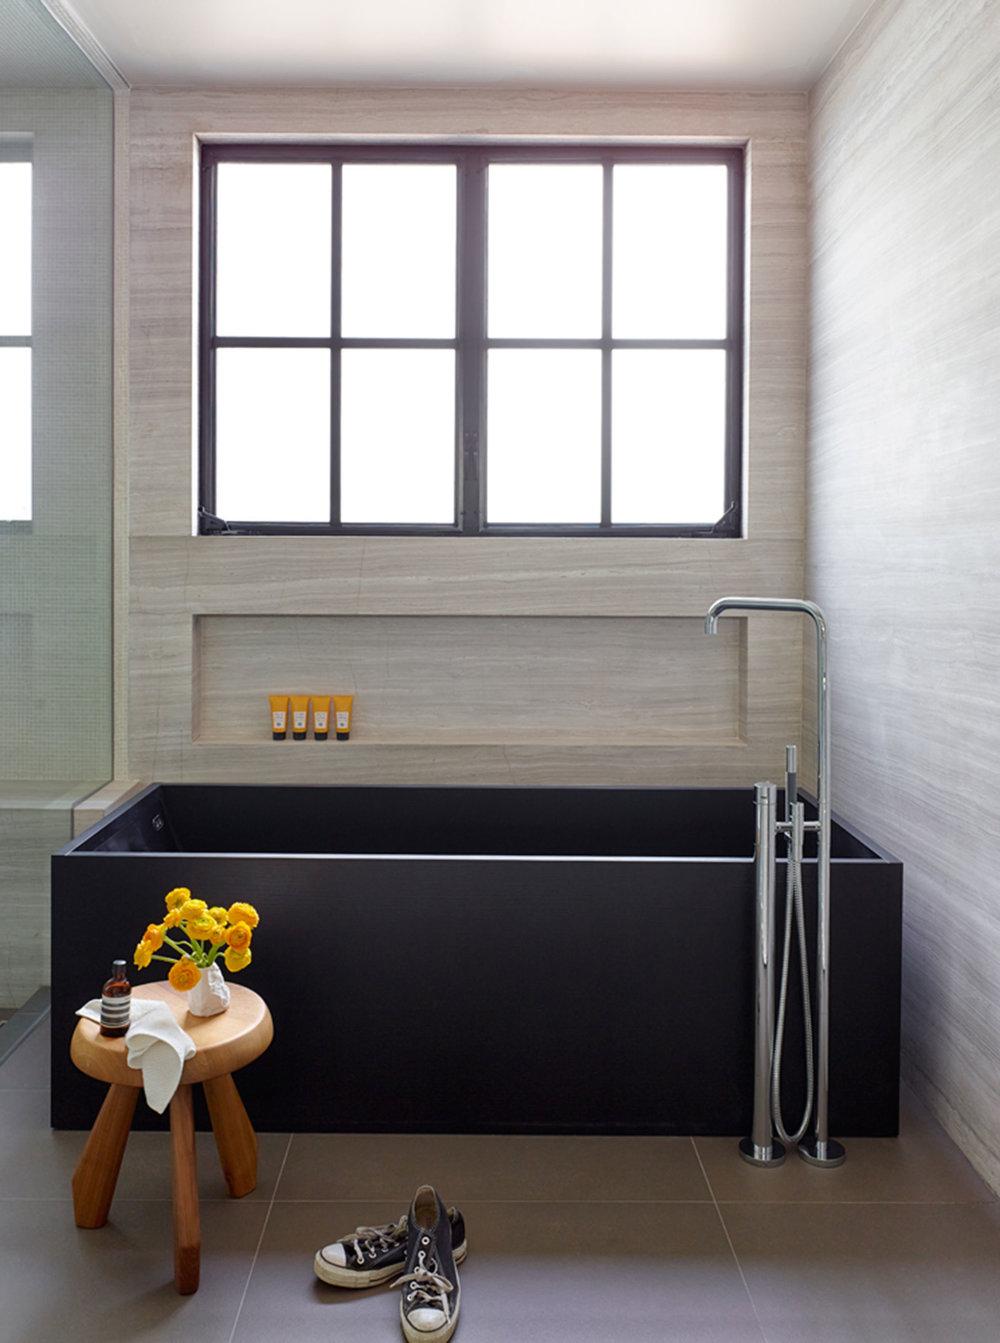 SiliconBay-modern-bathroom-tub-losangeles.jpg